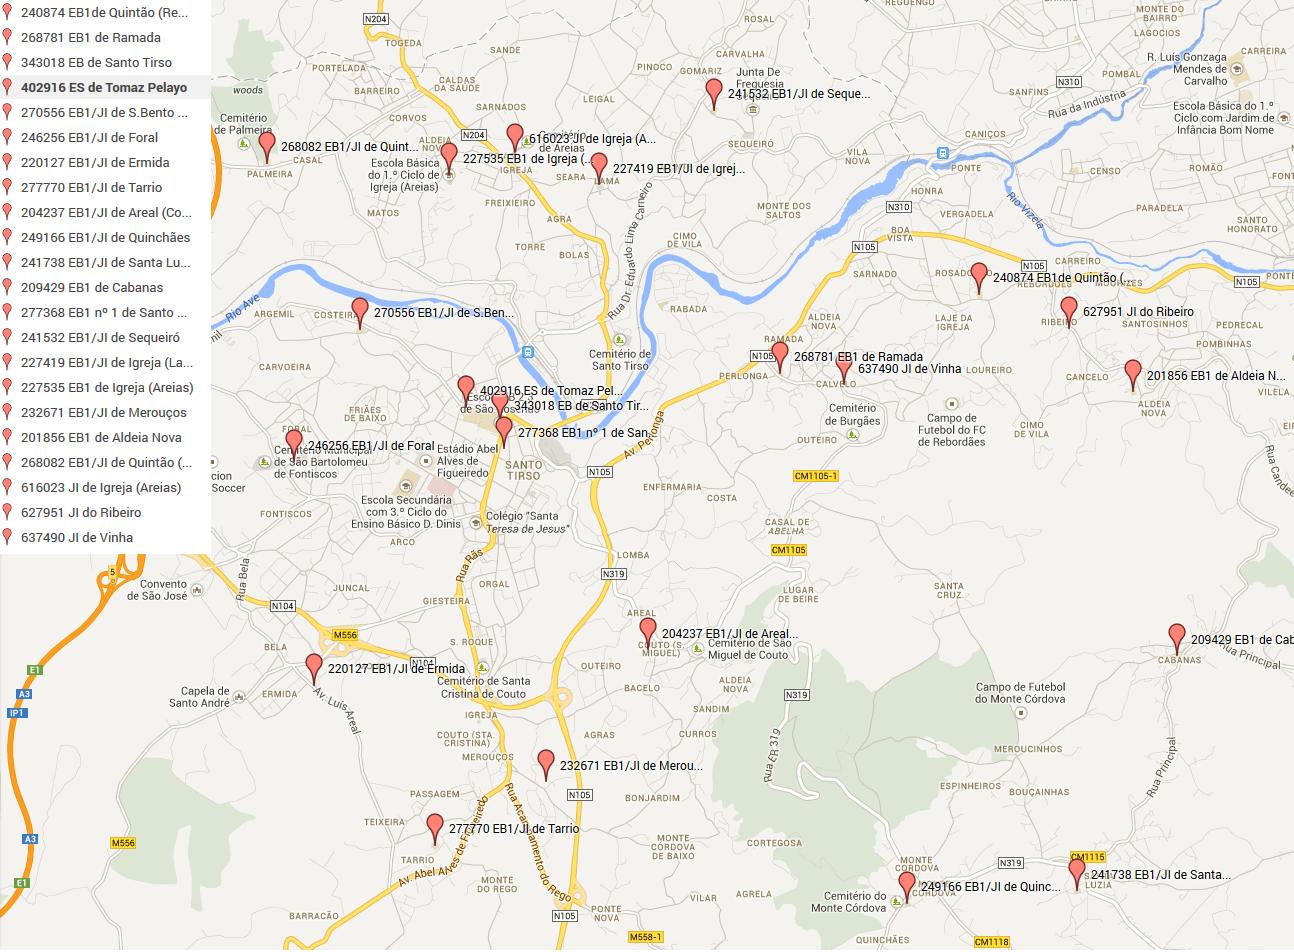 Agrupamento de Escolas - Localização